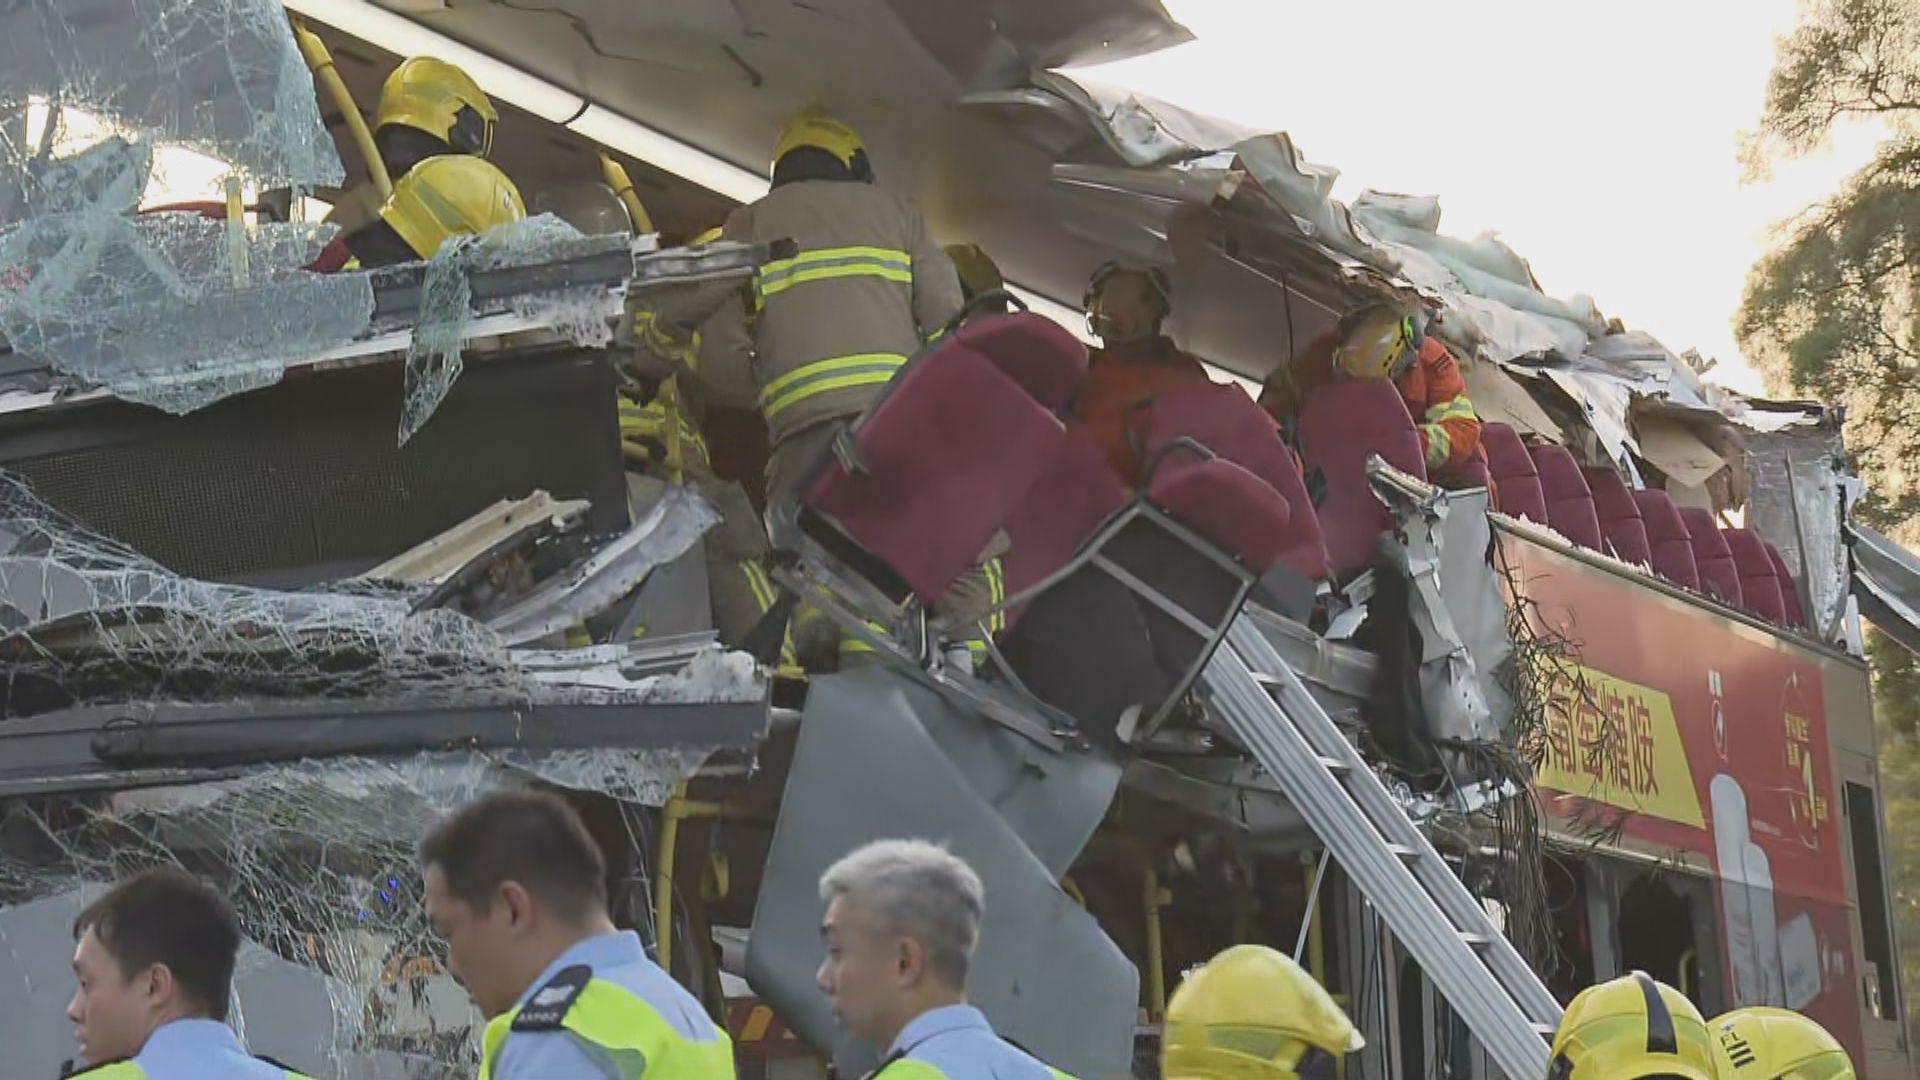 九巴粉嶺公路撞樹車禍 傷者分送四間醫院救治